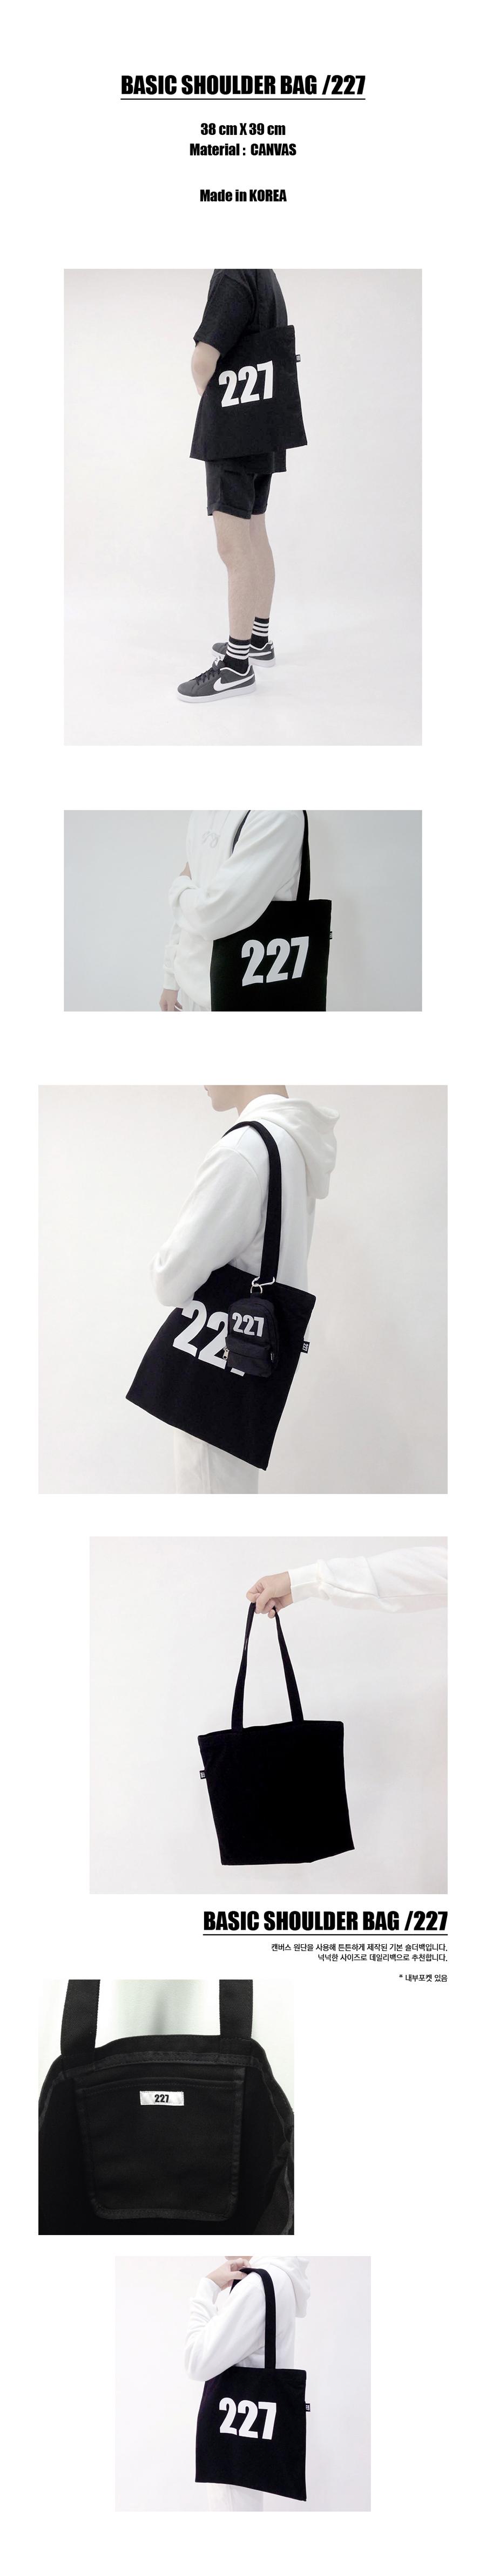 BASIC SHOULDER BAG39,000원-227(이이칠)패션잡화, 가방, 숄더백, 캔버스패브릭숄더백바보사랑BASIC SHOULDER BAG39,000원-227(이이칠)패션잡화, 가방, 숄더백, 캔버스패브릭숄더백바보사랑